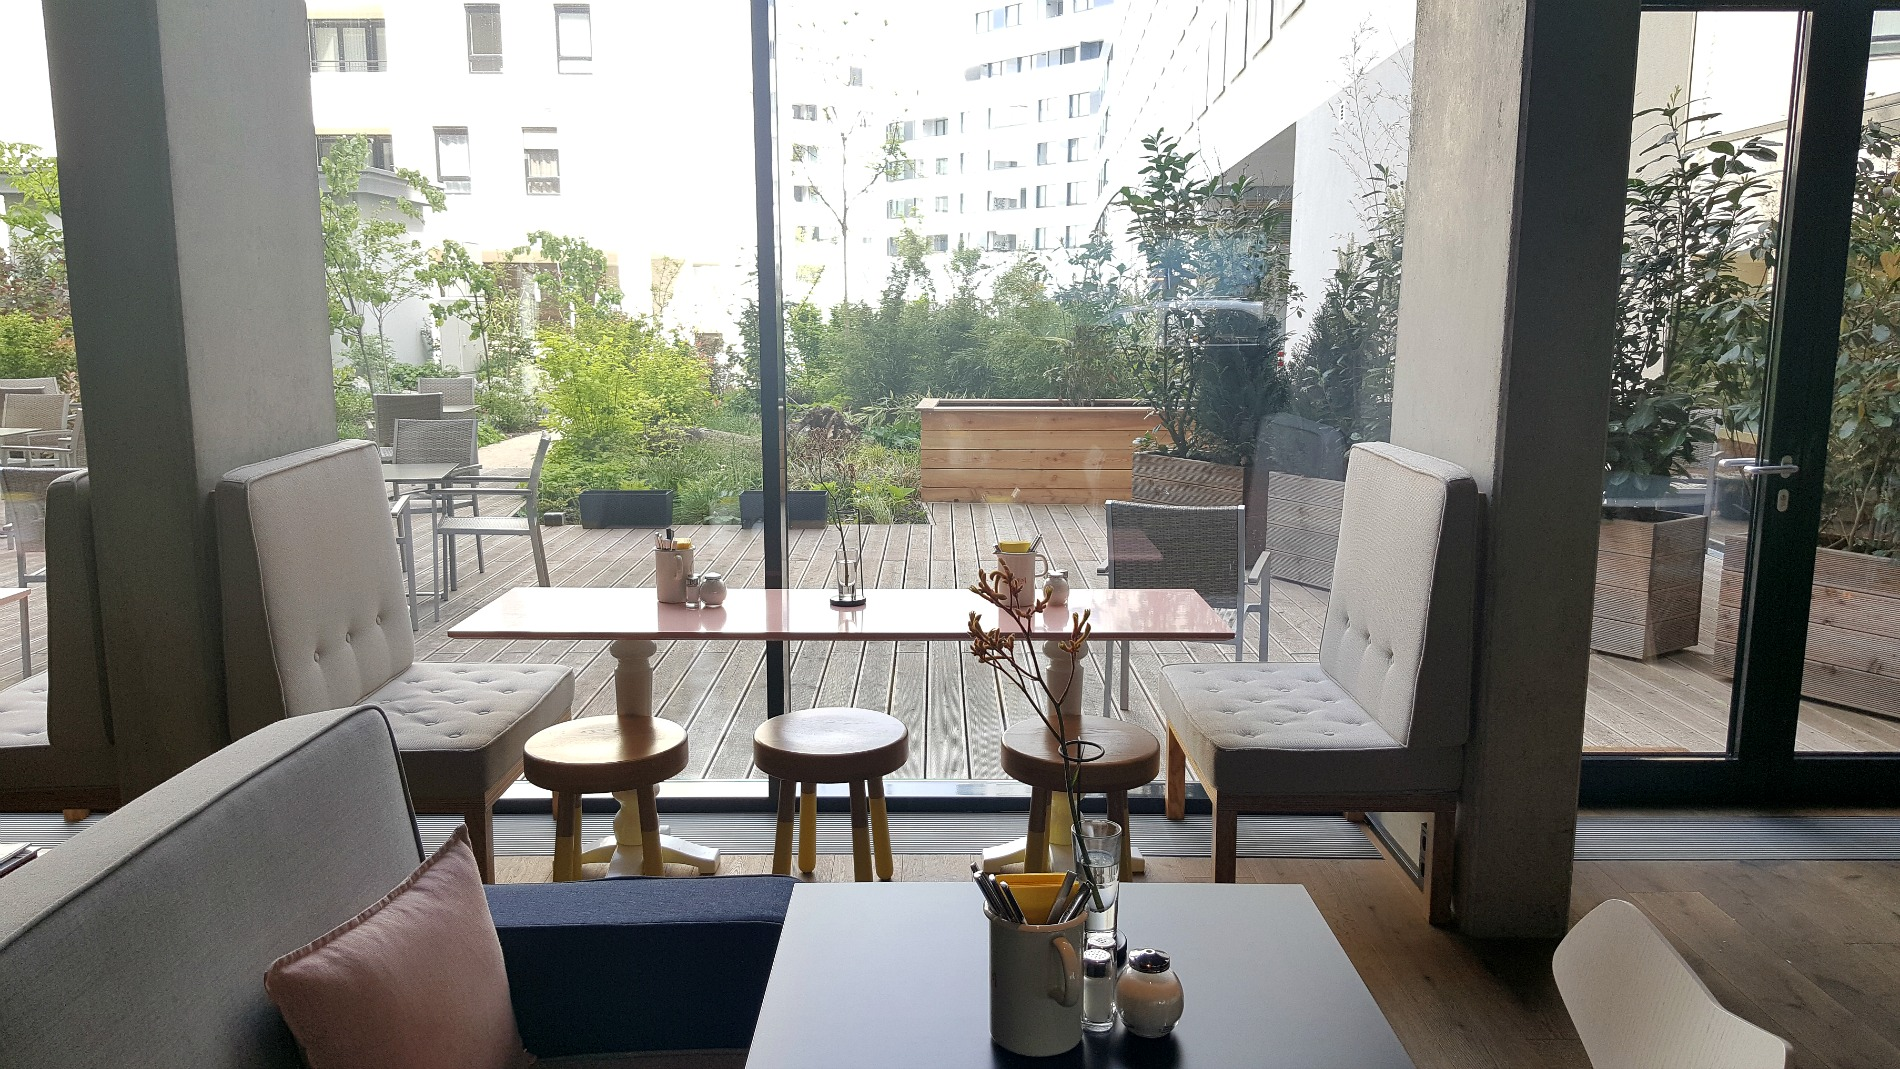 hotel-schani-wien-lobby-garden